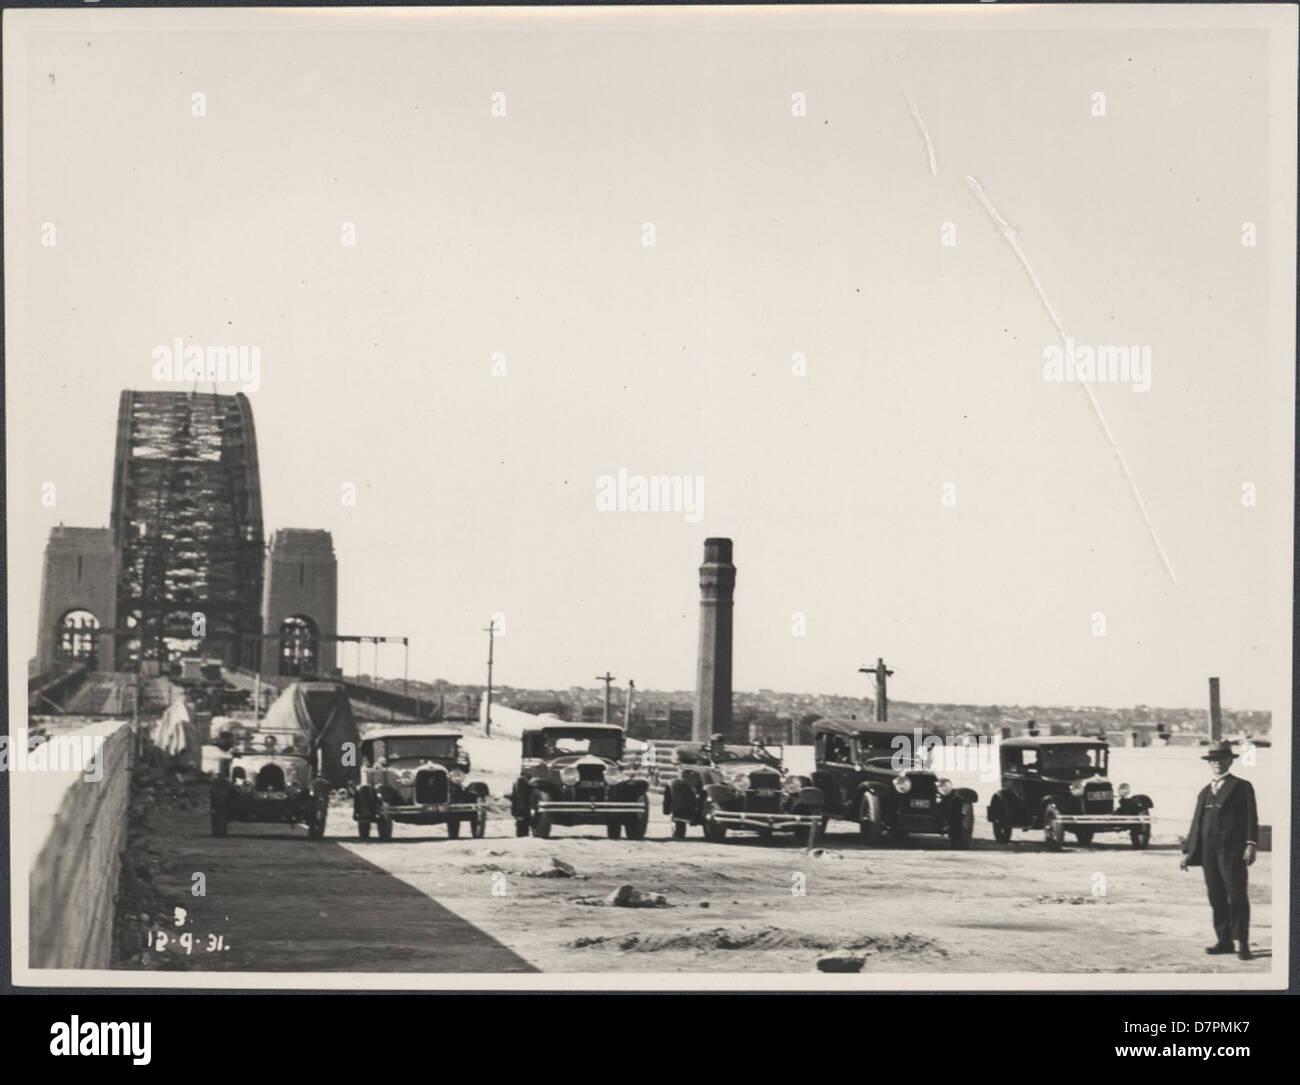 87/1353-94 Fotografische Drucken, Anzeigen von sechs Autos ...